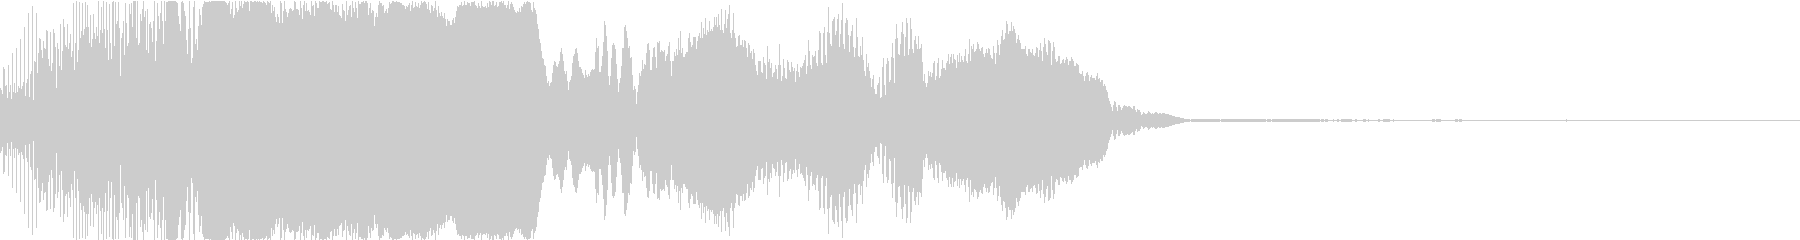 ピコン_必殺ゲージが溜まった時の音の未再生の波形